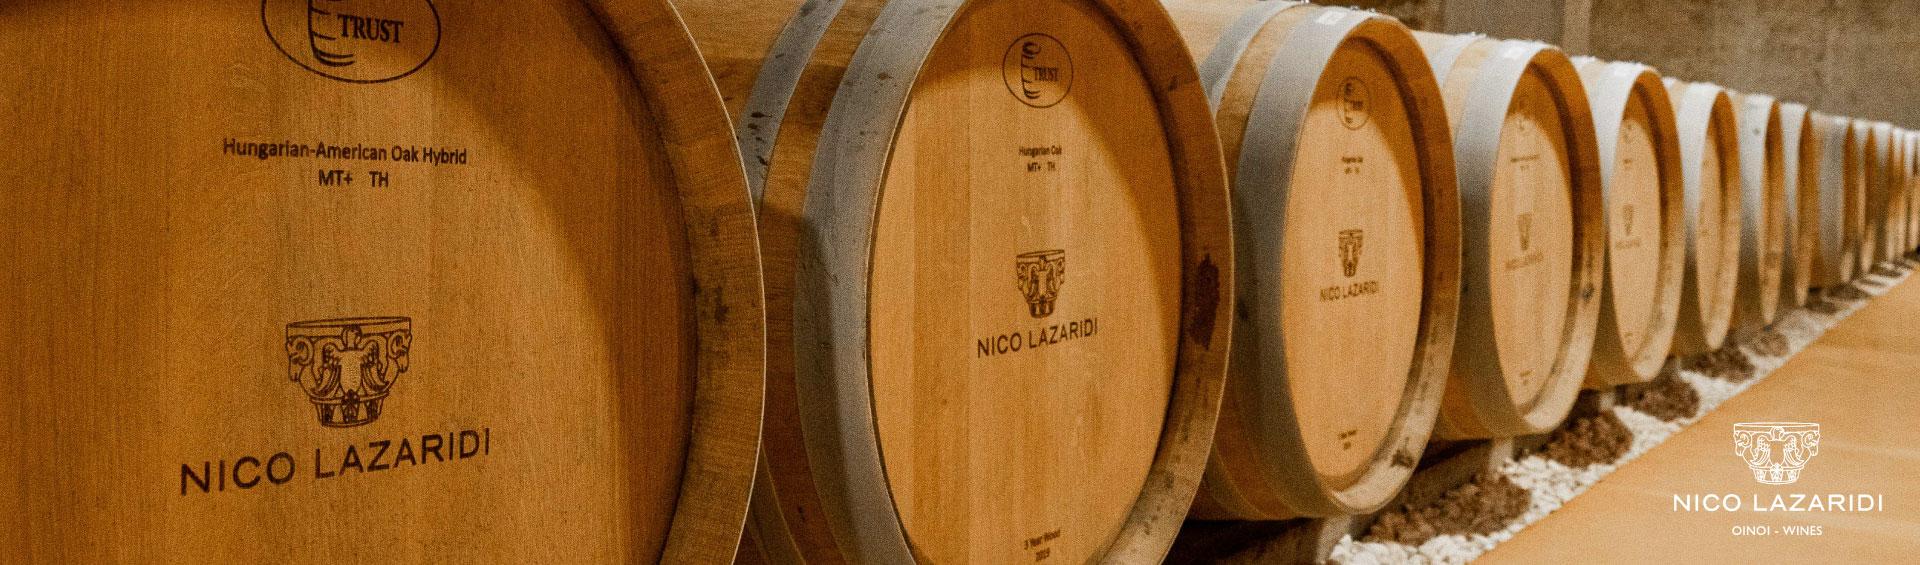 Μαρκετινγκ κρασιού - Nico Lazaridi Winery - διαφημιστική εταιρεία rooftop advertisement